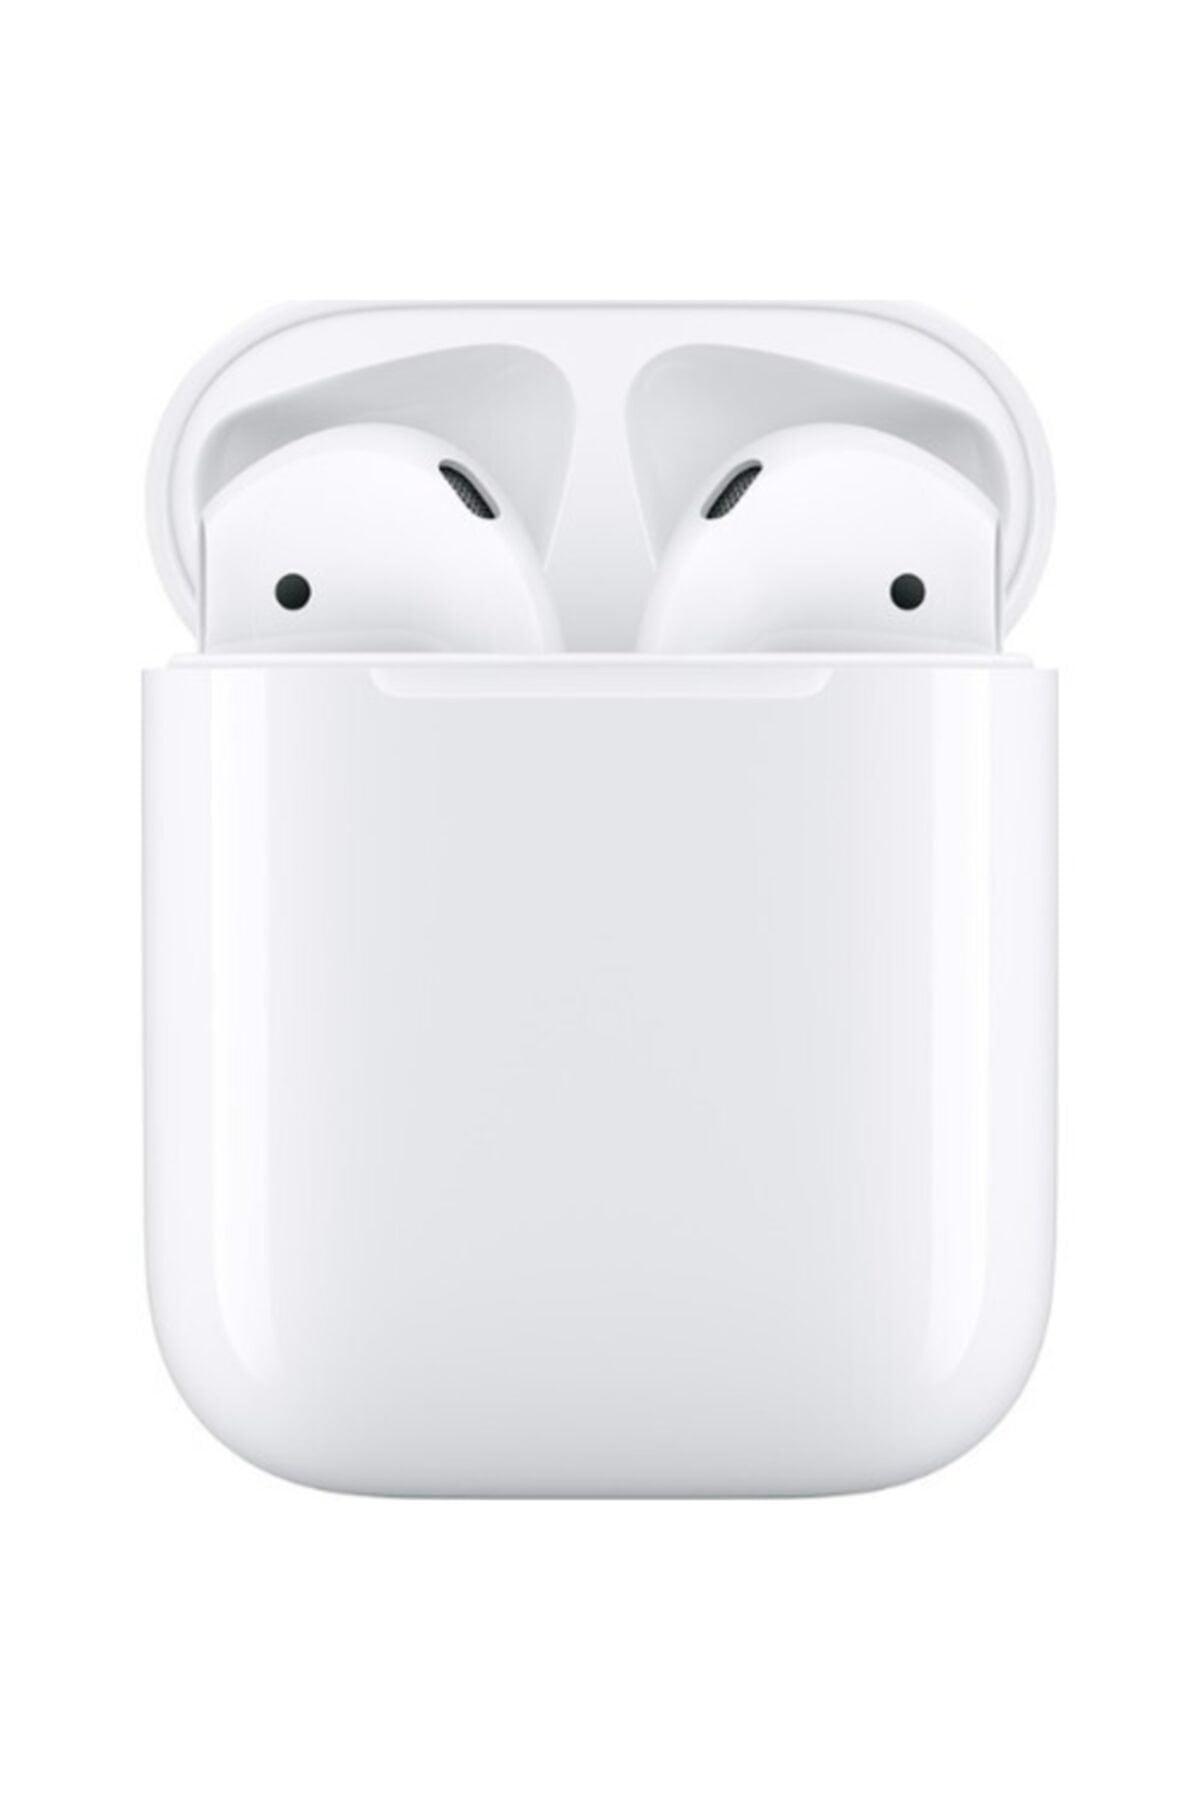 iOS Kullanıcıları: Apple Airpods 2. Nesil Bluetooth Kulaklık